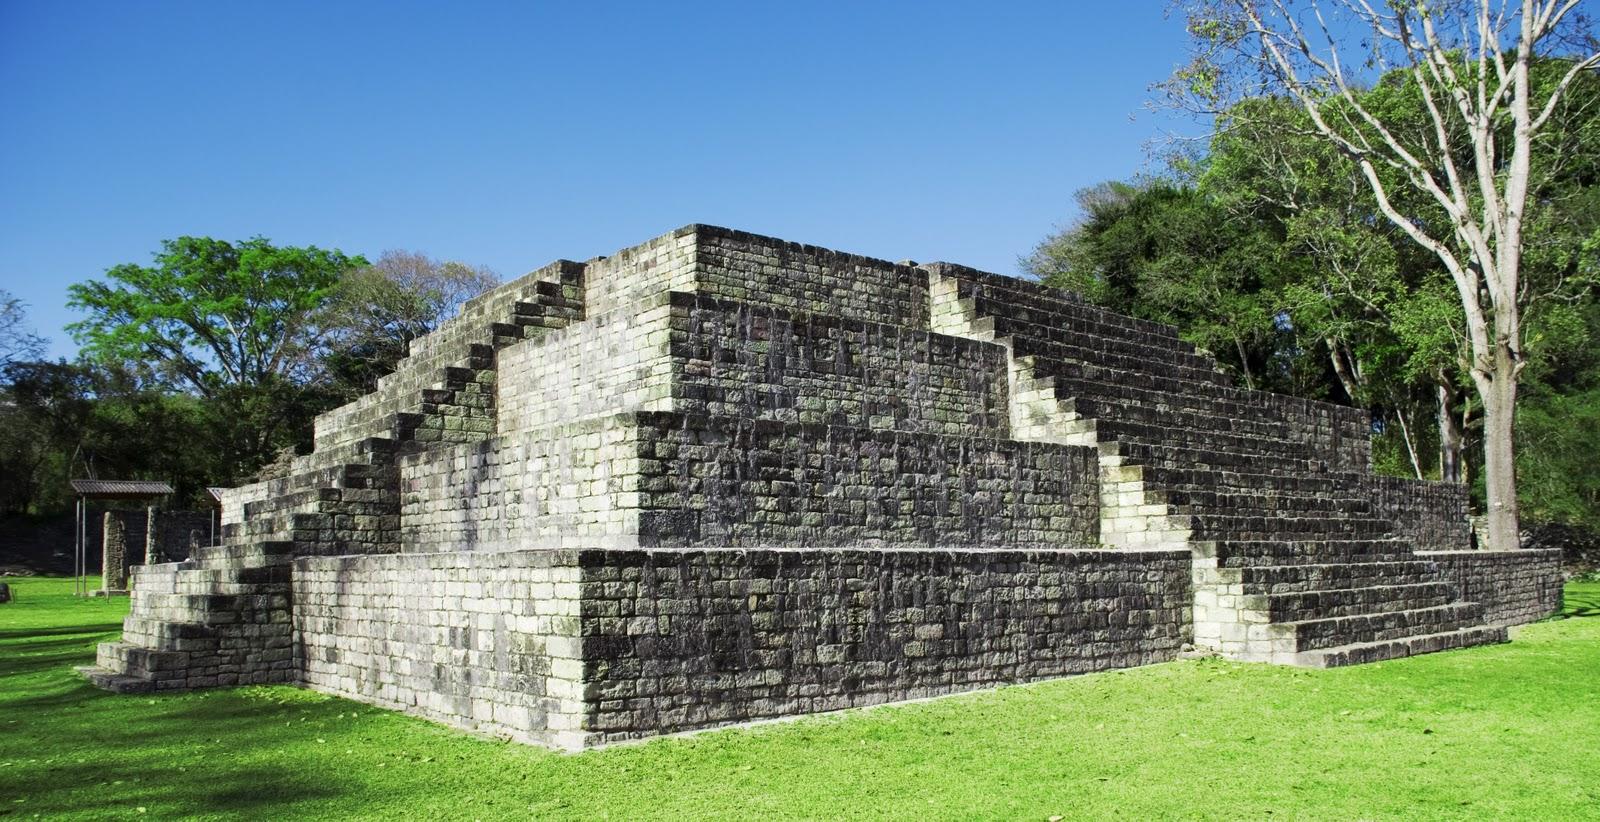 Copan Ruinas Honduras  city pictures gallery : Copan Ruinas se encuentra en el occidente de Honduras, justoa 14 ...